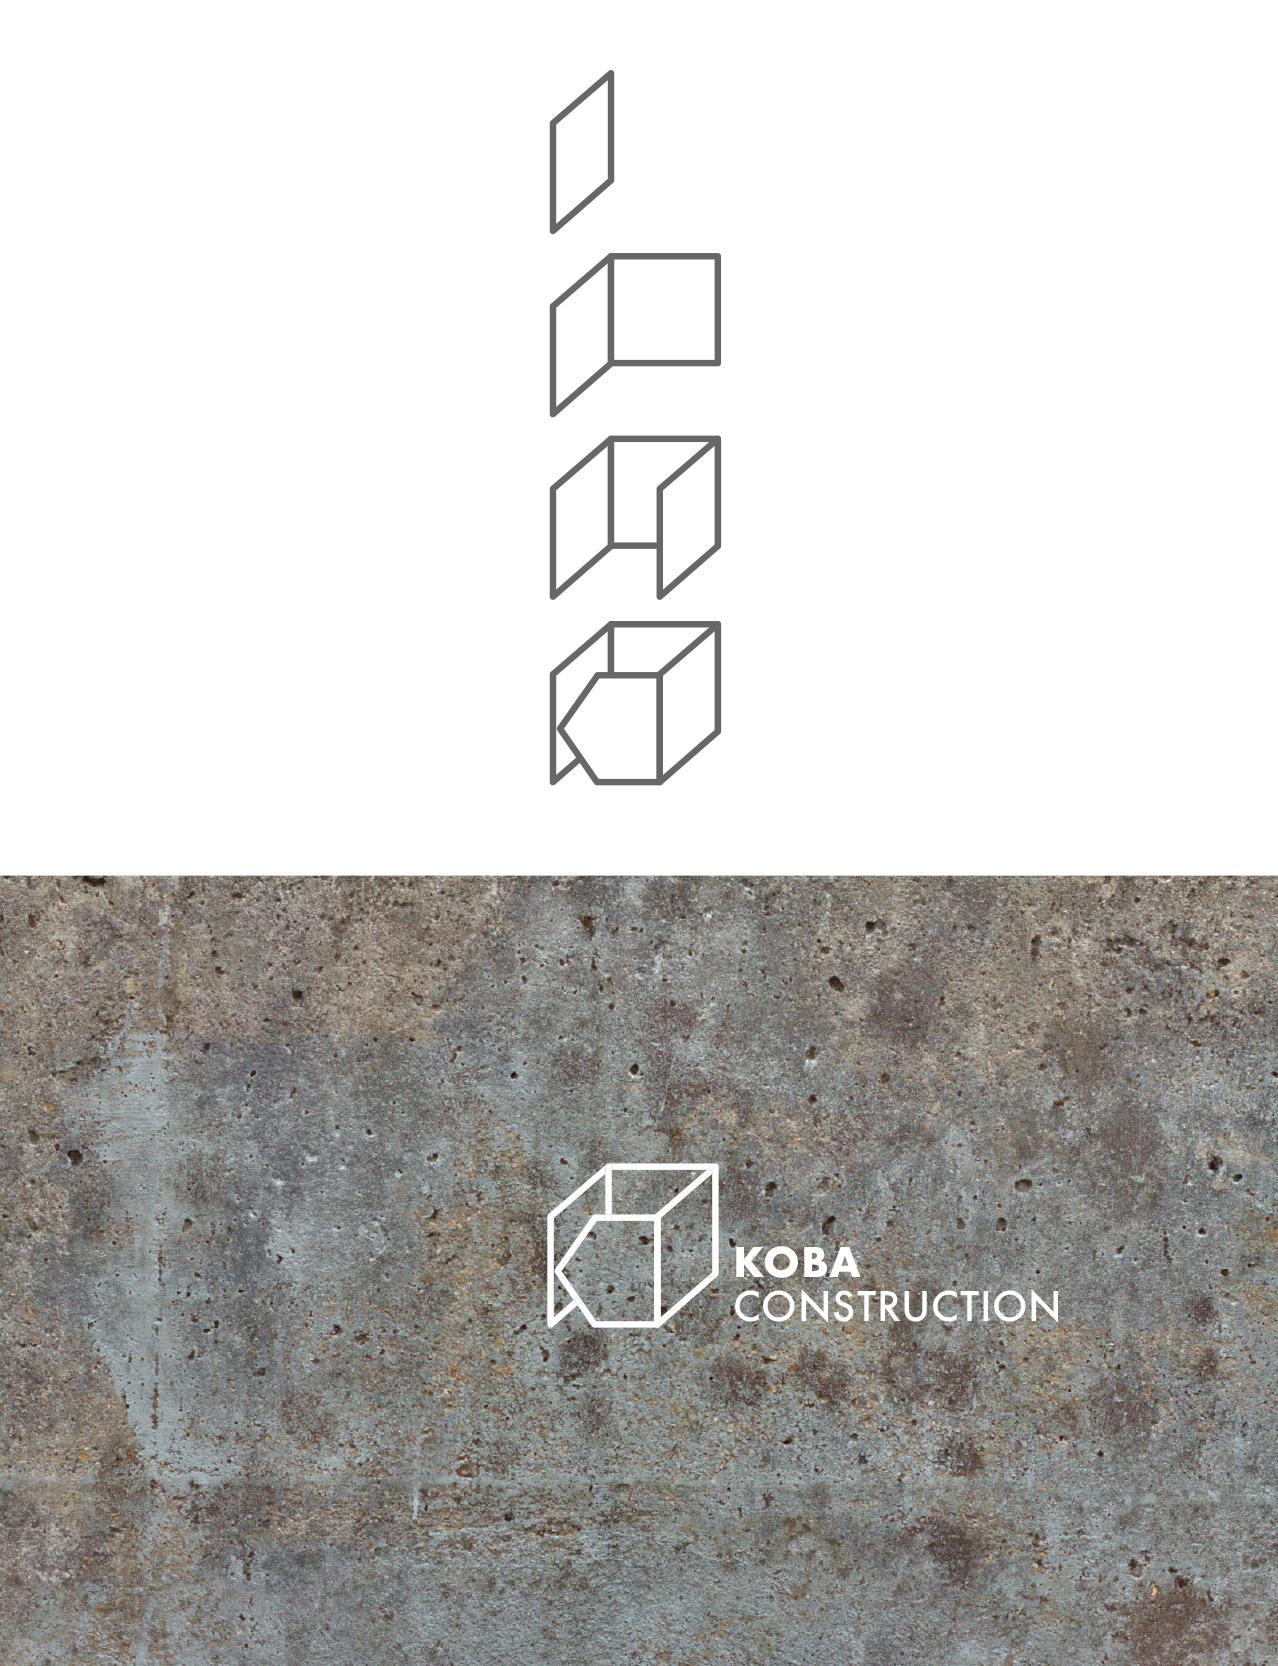 Koba-logo